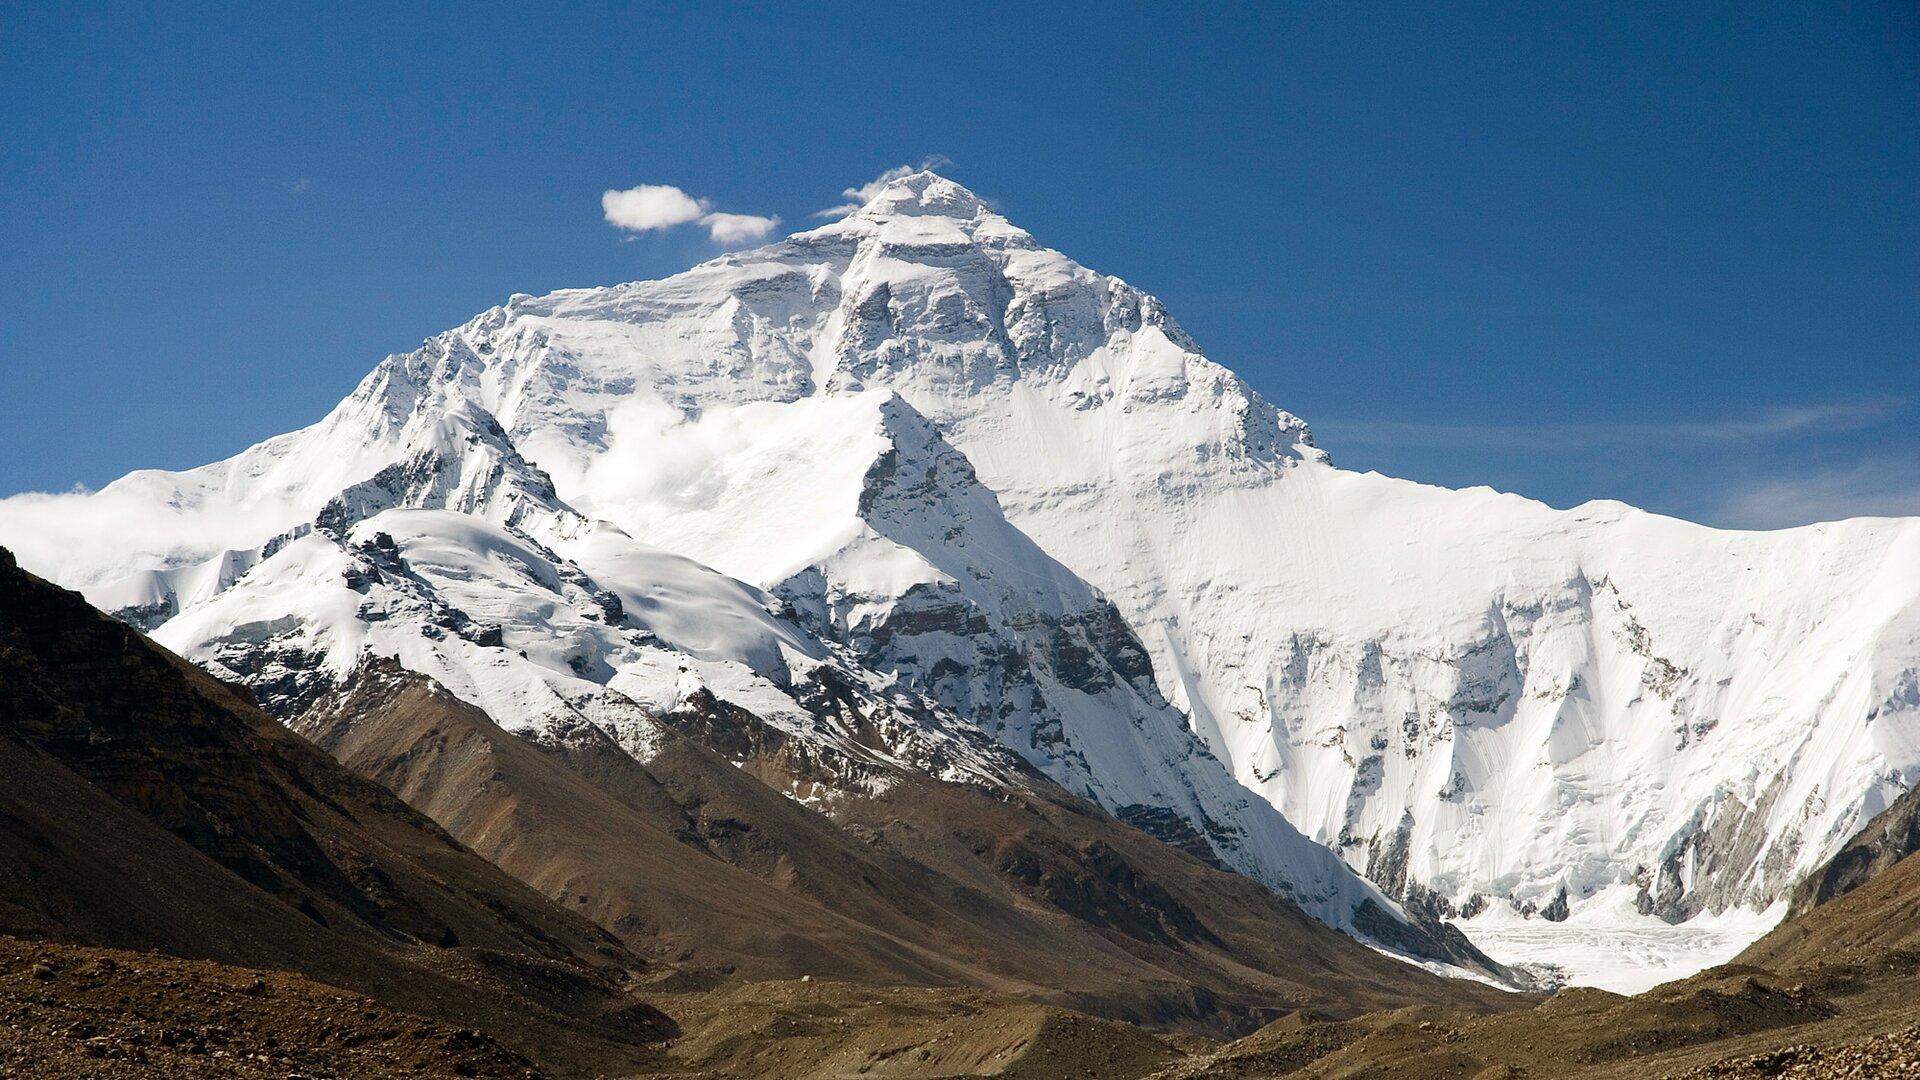 Ściana północna Mount Everestu Ściana północna Mount Everestu Źródło: Luca Galuzzi, licencja: CC BY-SA 2.5.